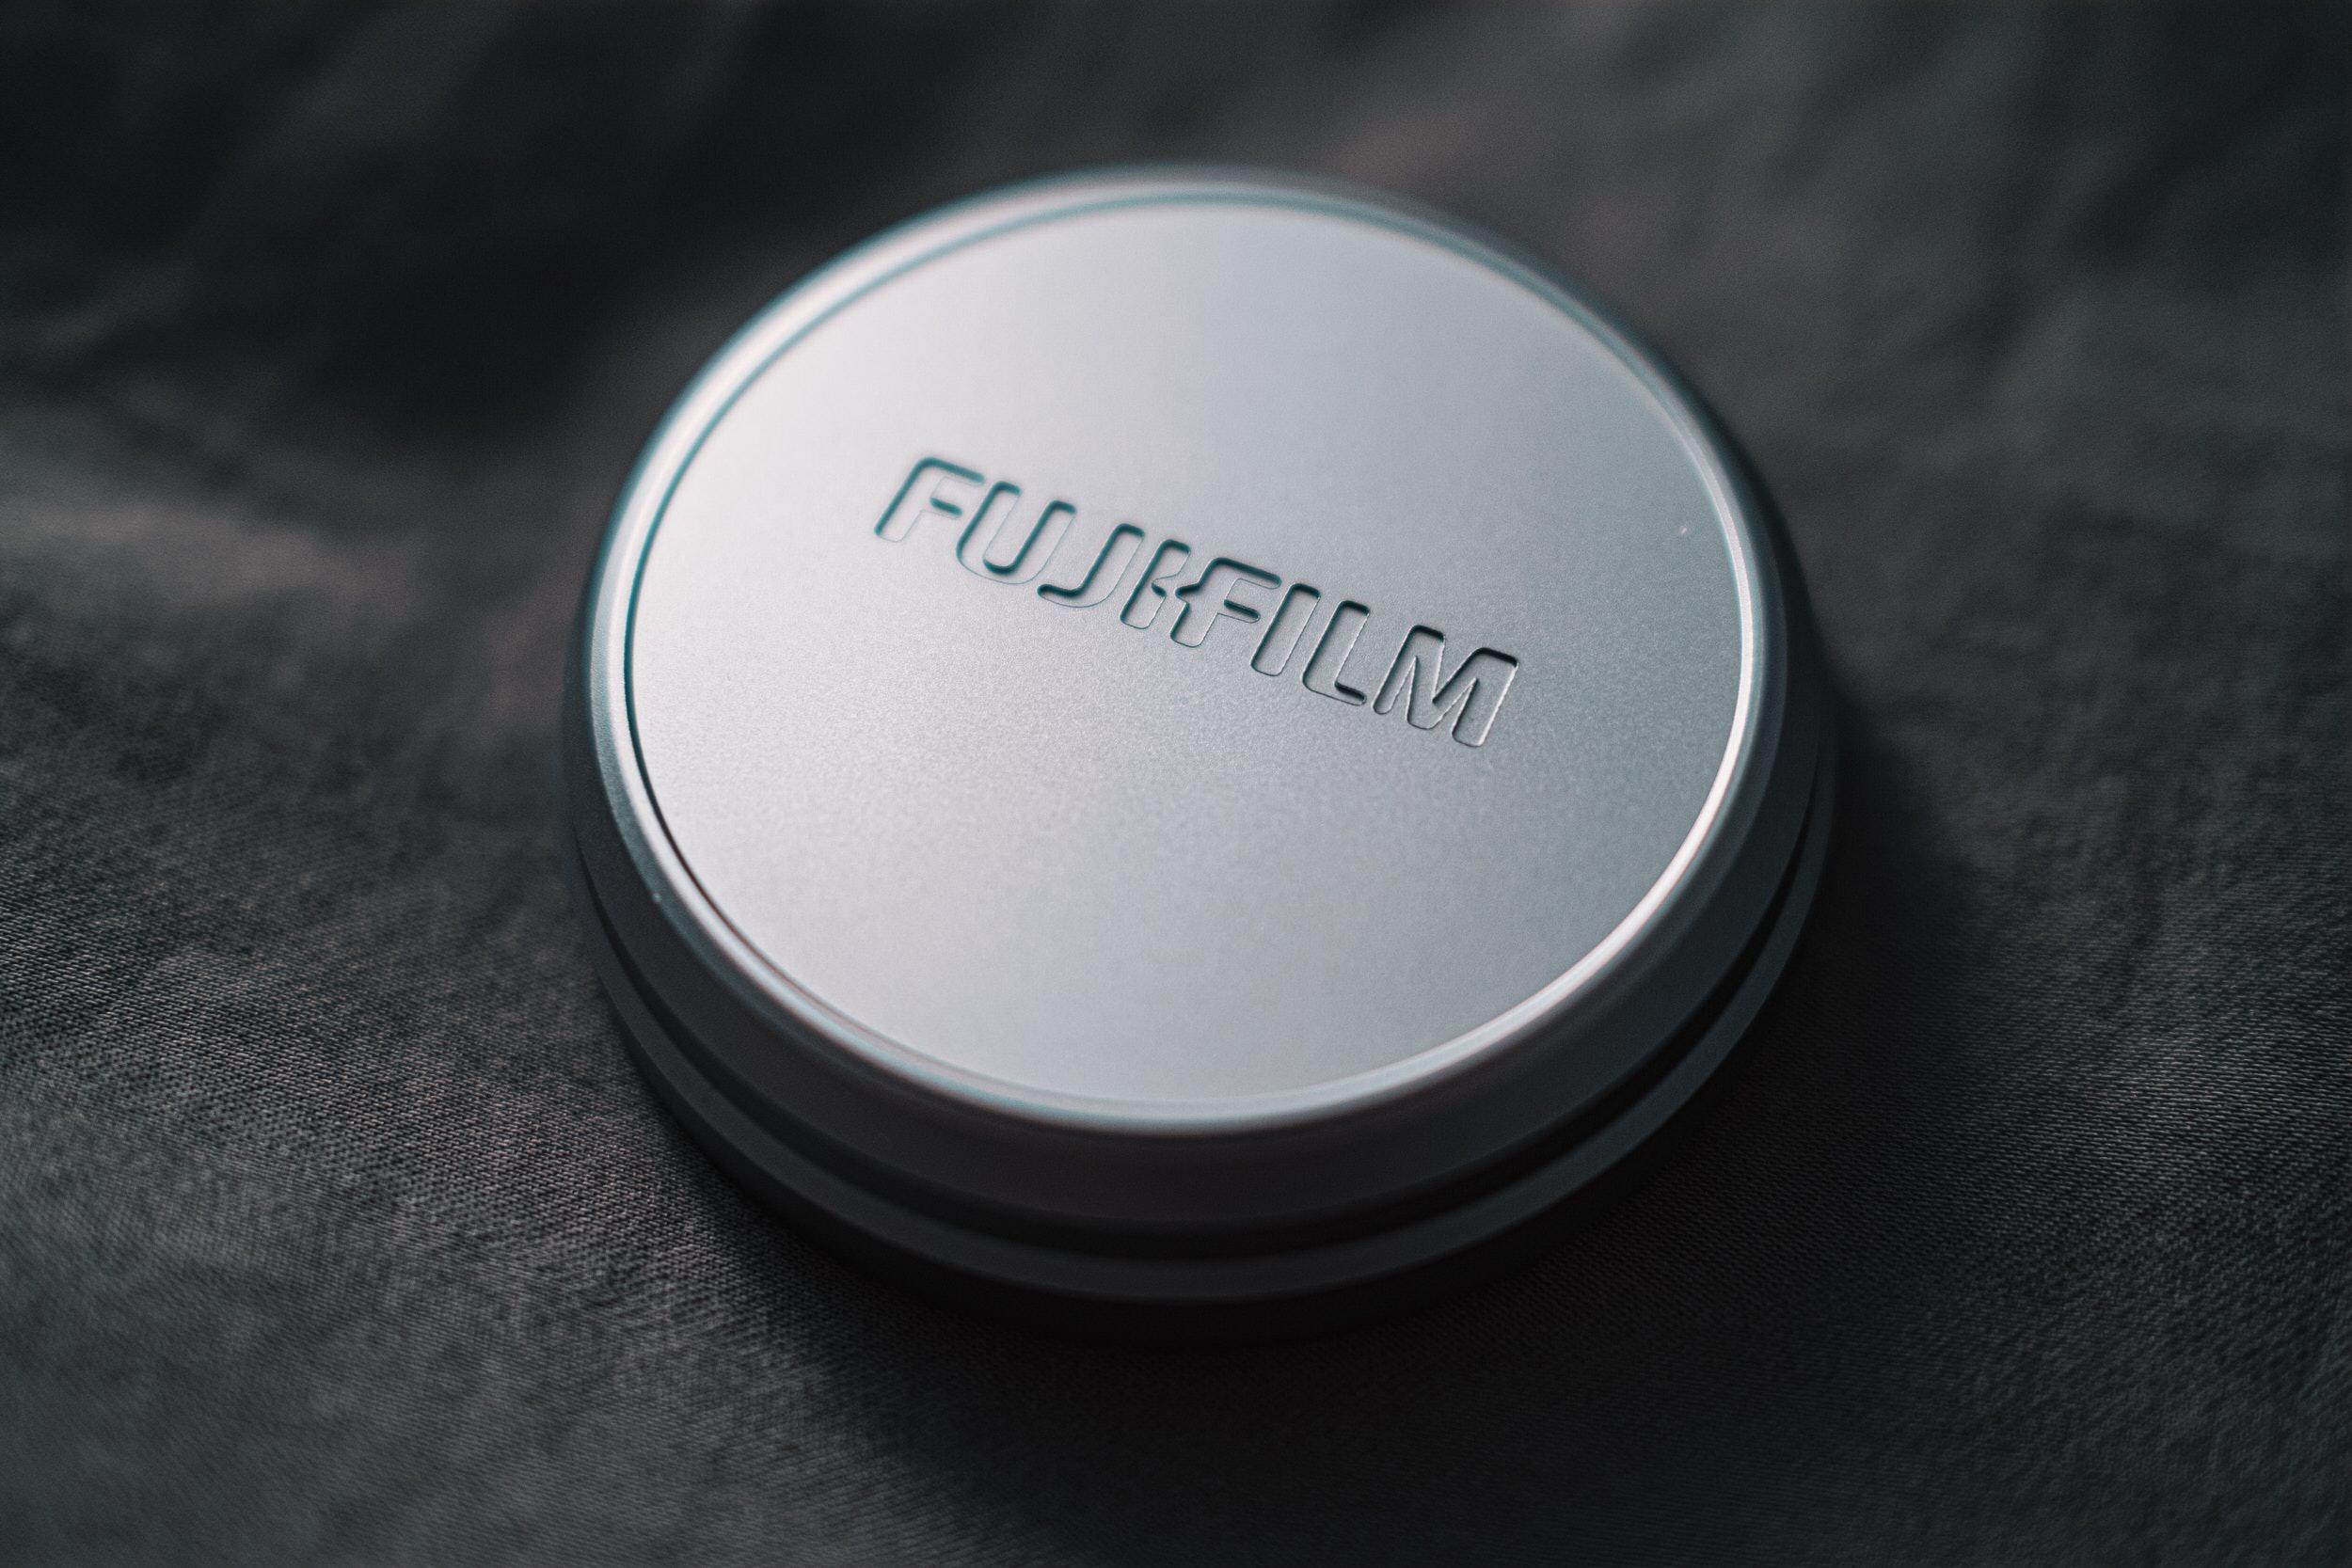 Fujifilm đang phát triển hai ống kính MK II mới